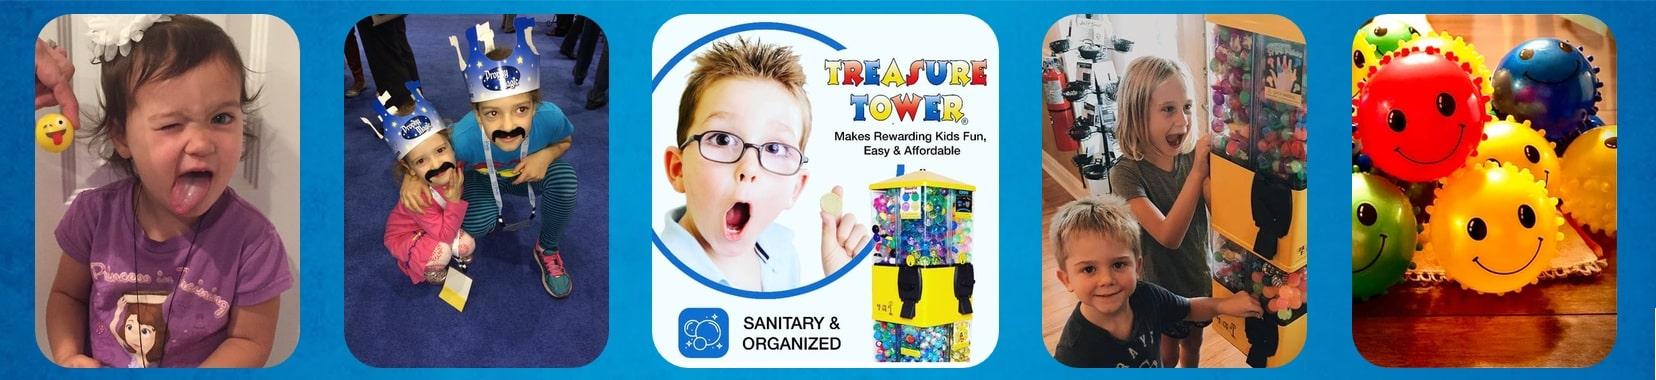 Treasure Tower Rewards Sanitary and Organized